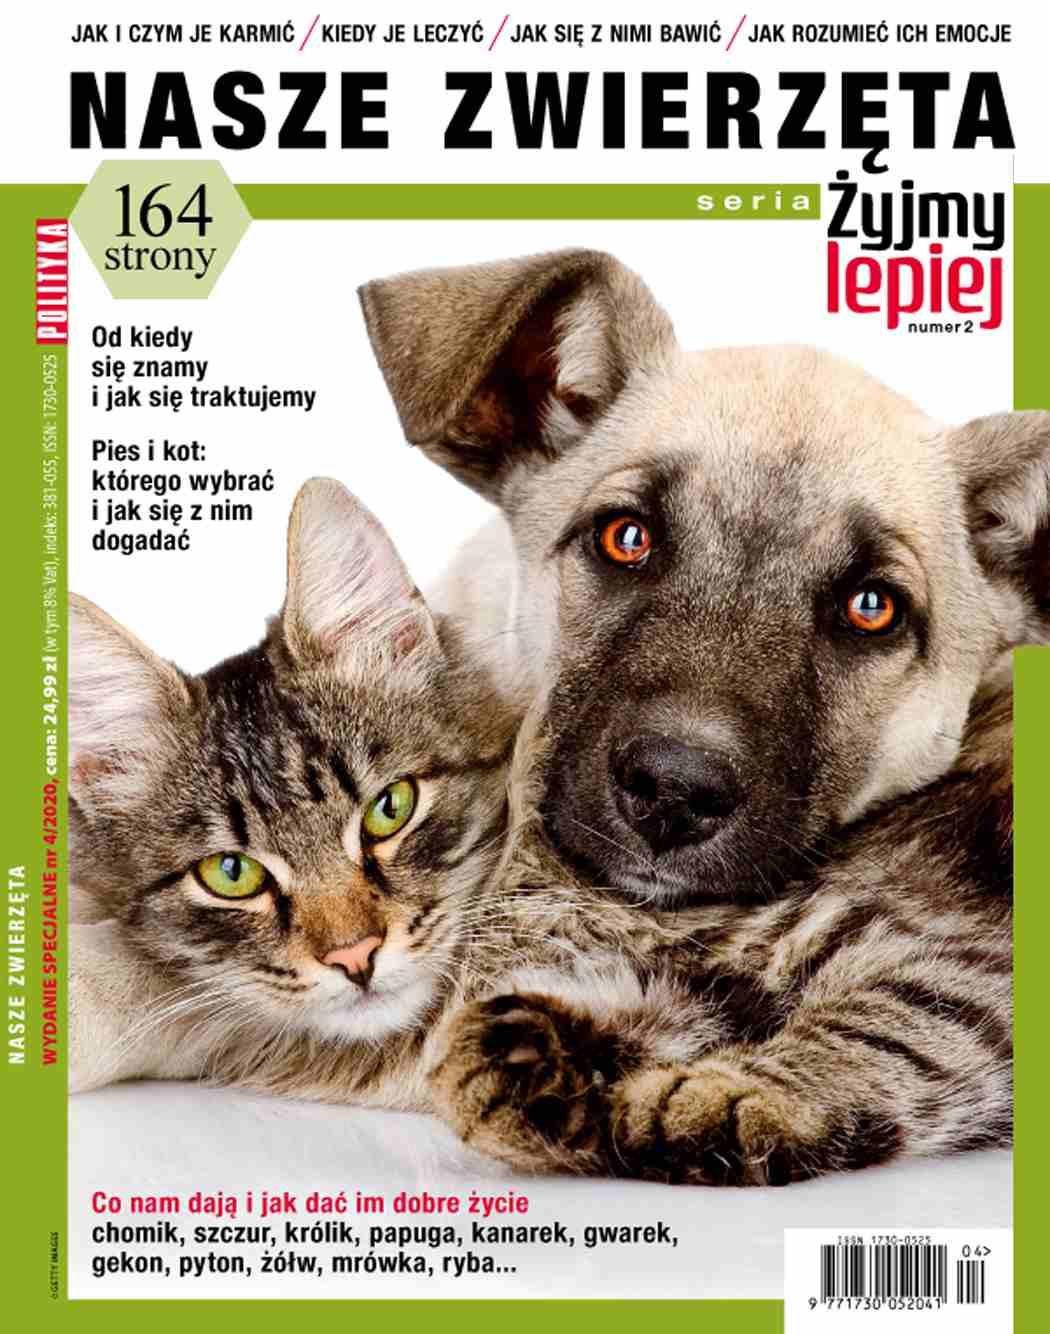 Żyjmy lepiej. Nasze zwierzęta - Ebook (Książka PDF) do pobrania w formacie PDF